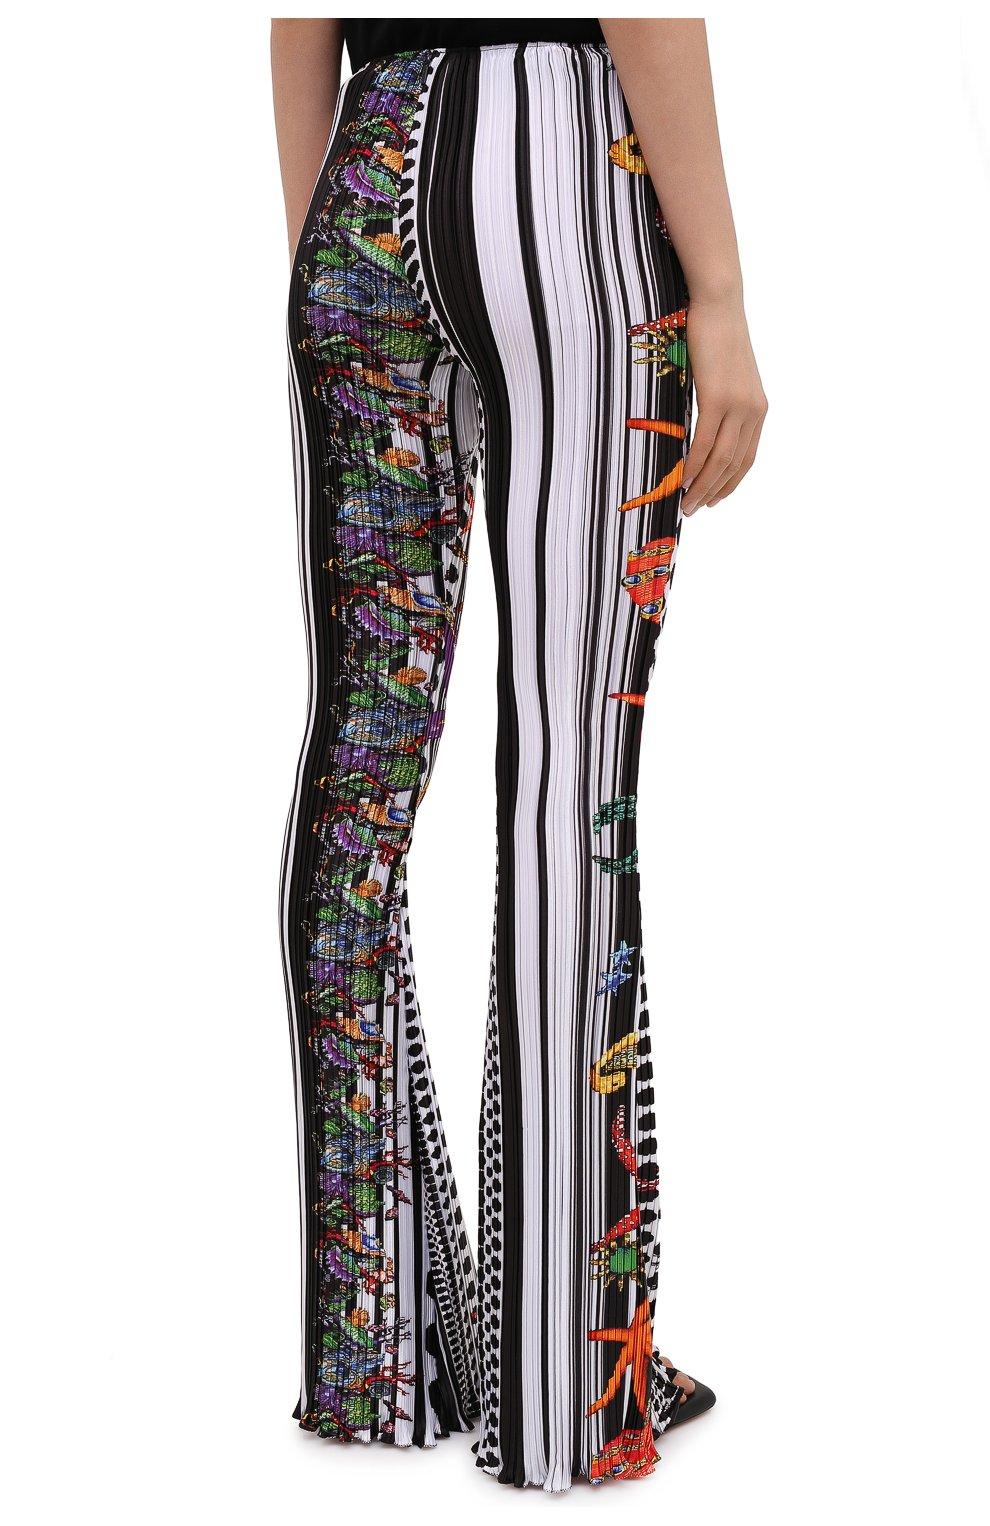 Женские брюки VERSACE разноцветного цвета, арт. A89220/1F01292 | Фото 4 (Длина (брюки, джинсы): Удлиненные; Женское Кросс-КТ: Брюки-одежда; Материал внешний: Синтетический материал; Силуэт Ж (брюки и джинсы): Расклешенные; Стили: Романтичный)